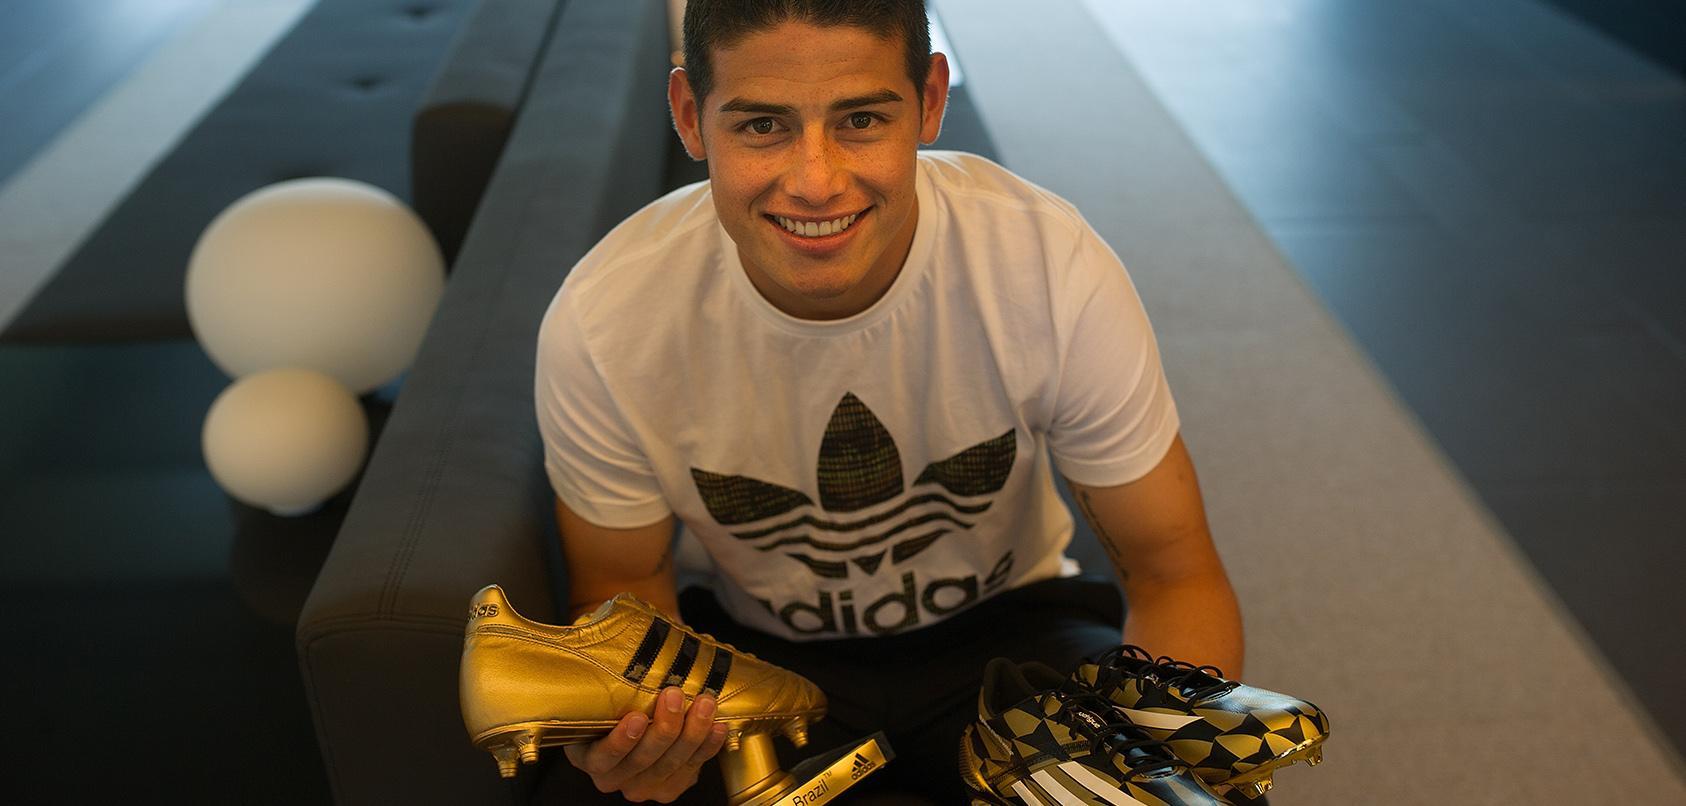 Хамес Родригес получил Золотую бутсу - изображение 1